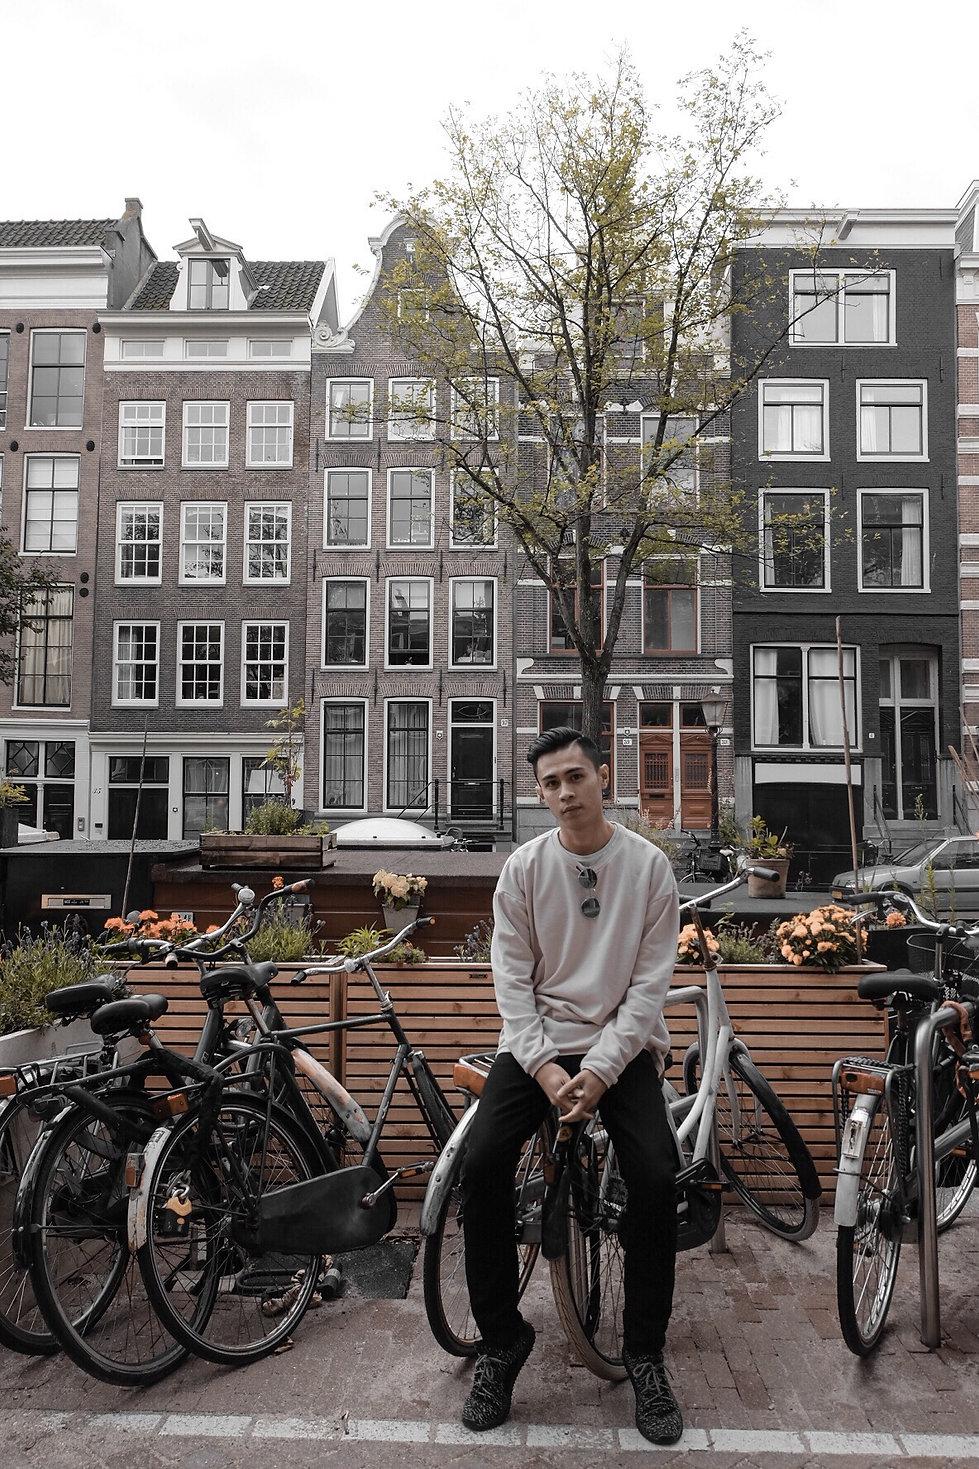 Streets of Amstrdam